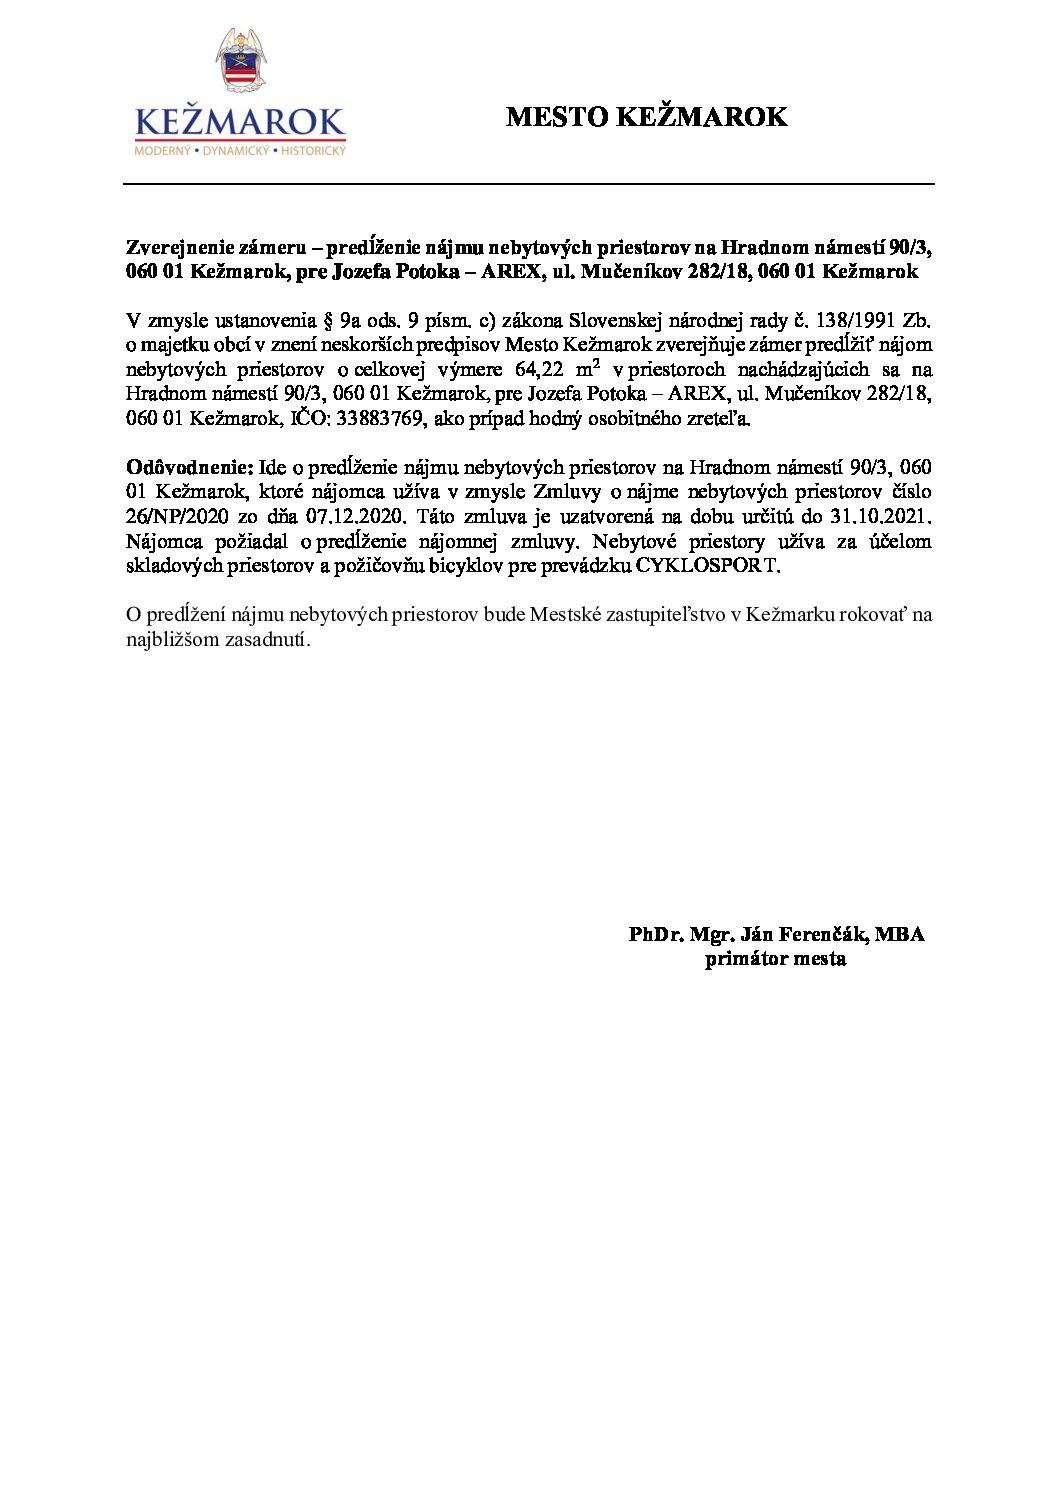 Zverejnenie zámeru - predlženie nájmu na Hradnom námestí č. 3 060 01 Kežmarok